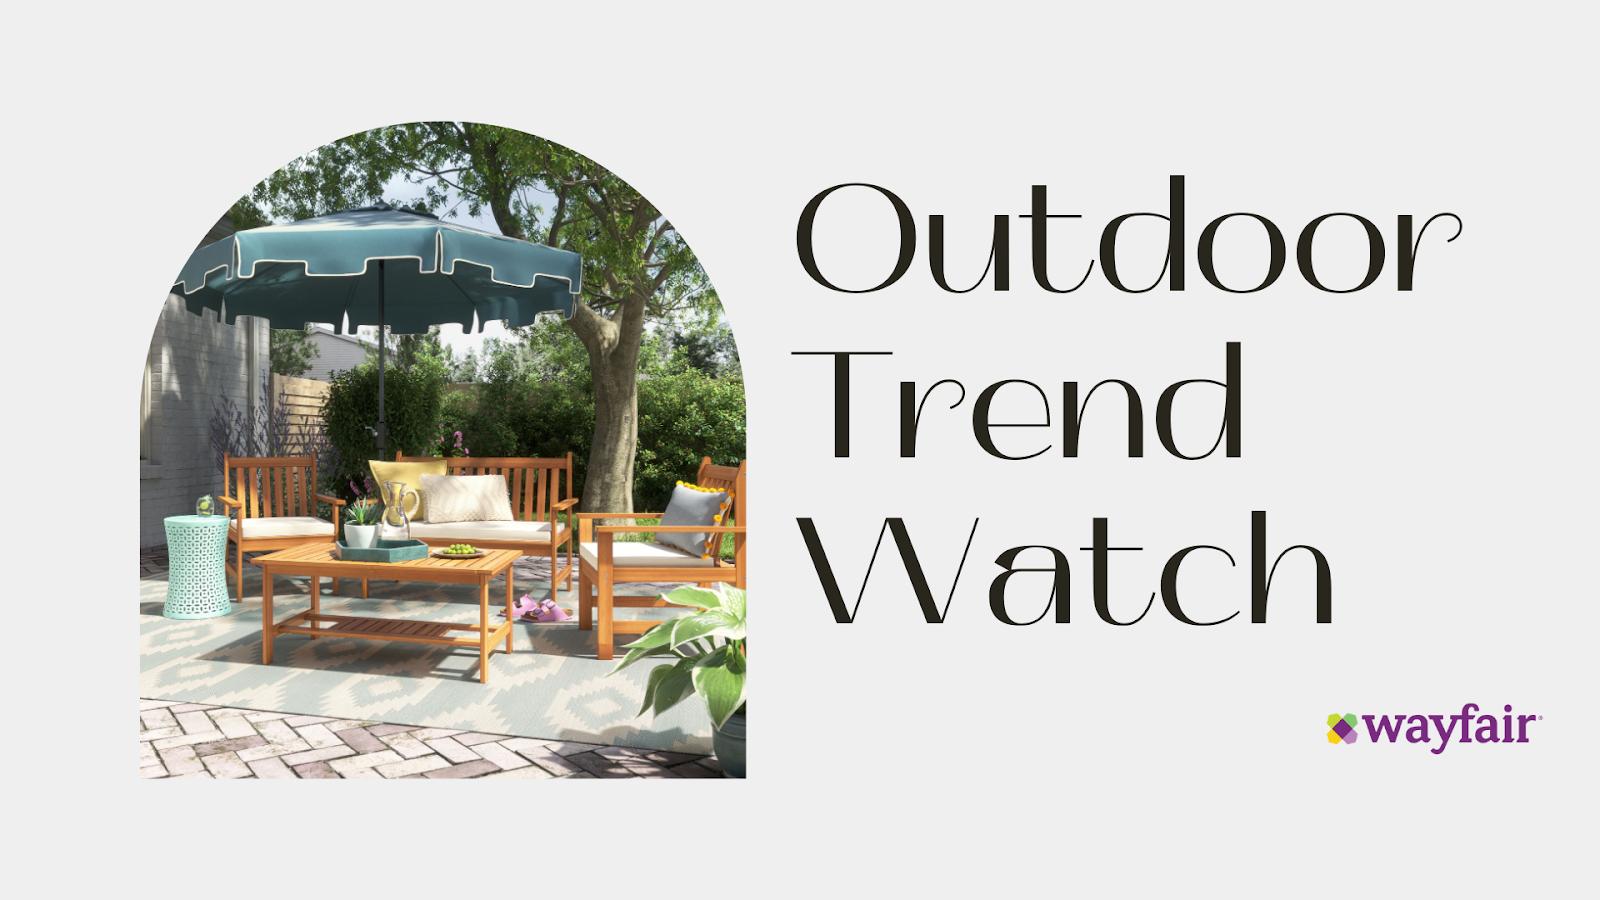 Outdoor Trend Watch with Wayfair